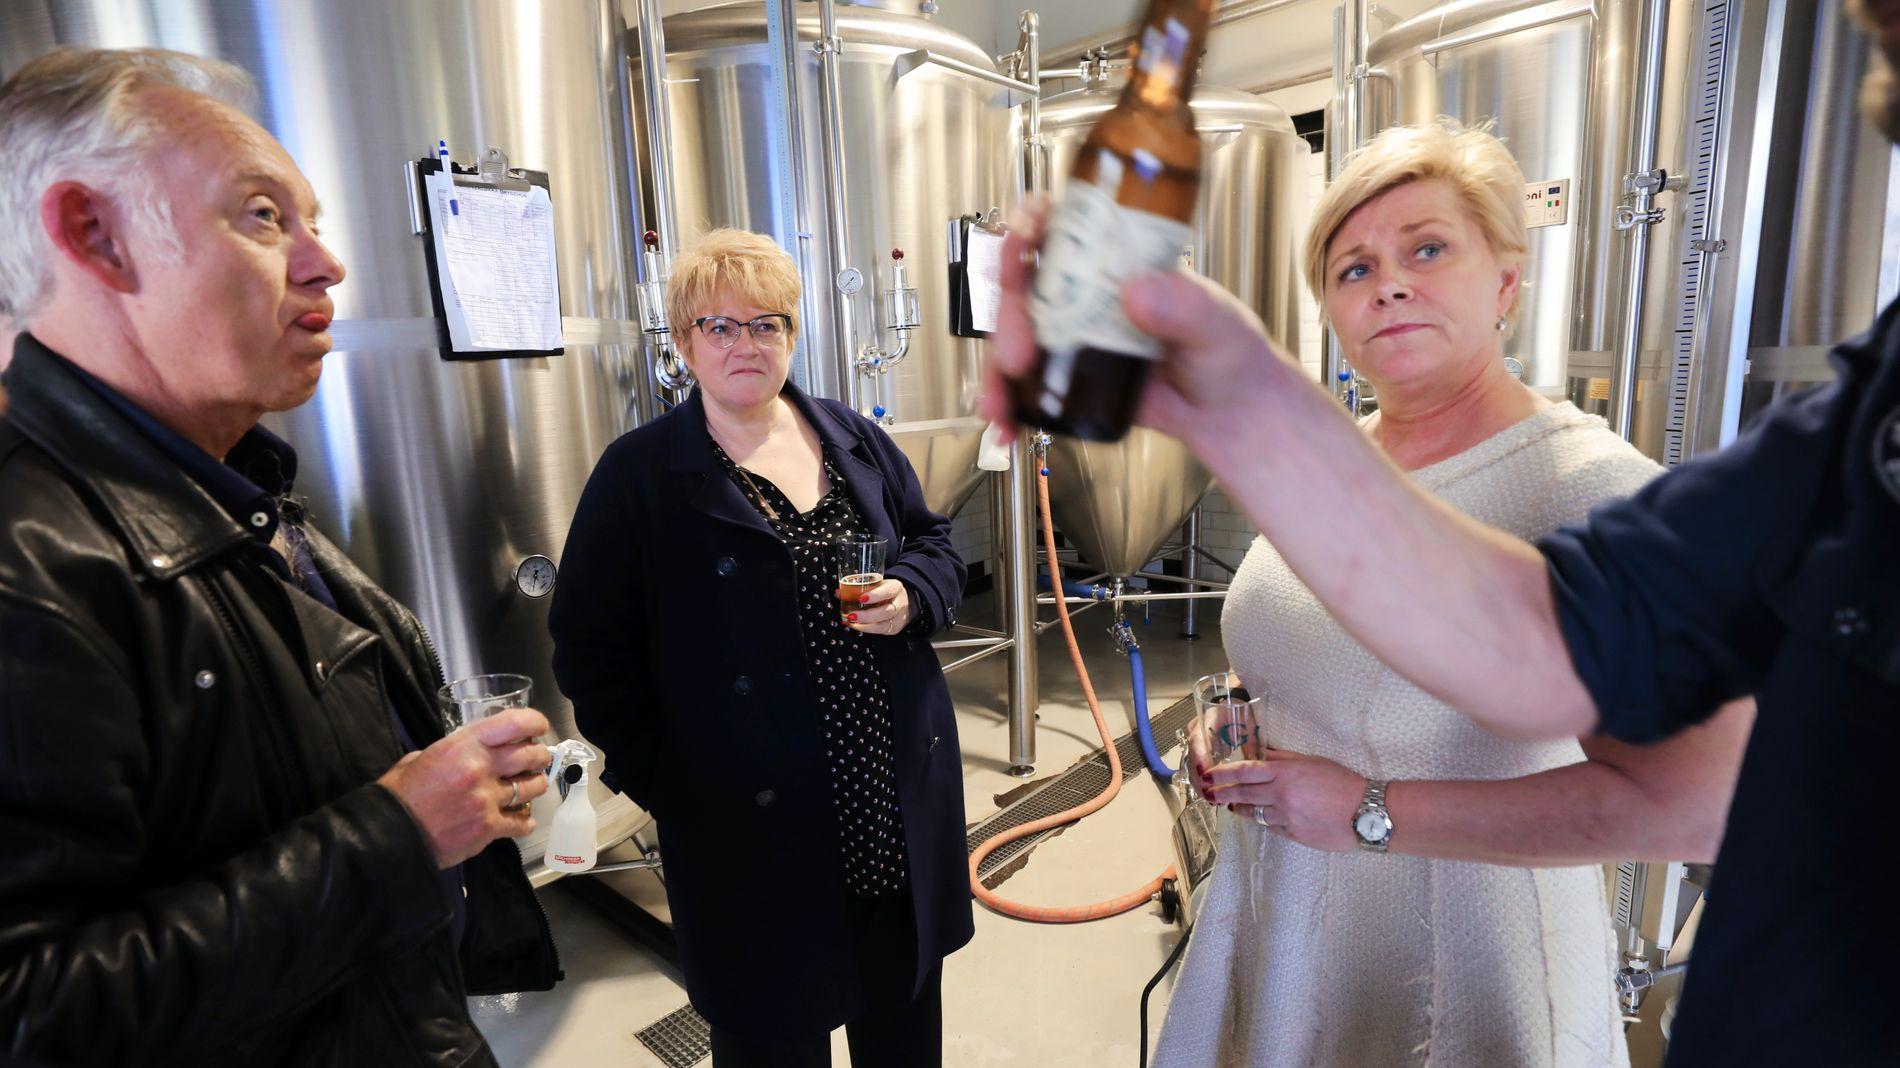 SER STERK SALGSØKNING: Direktør Petter Nome (t.v.) i Bryggeriforeningen, her sammen med kulturminister Trine Skei Grande og finansminister Siv Jensen i forbindelse med regjeringens avgiftskutt til mikrobryggerier i revidert statsbudsjett.